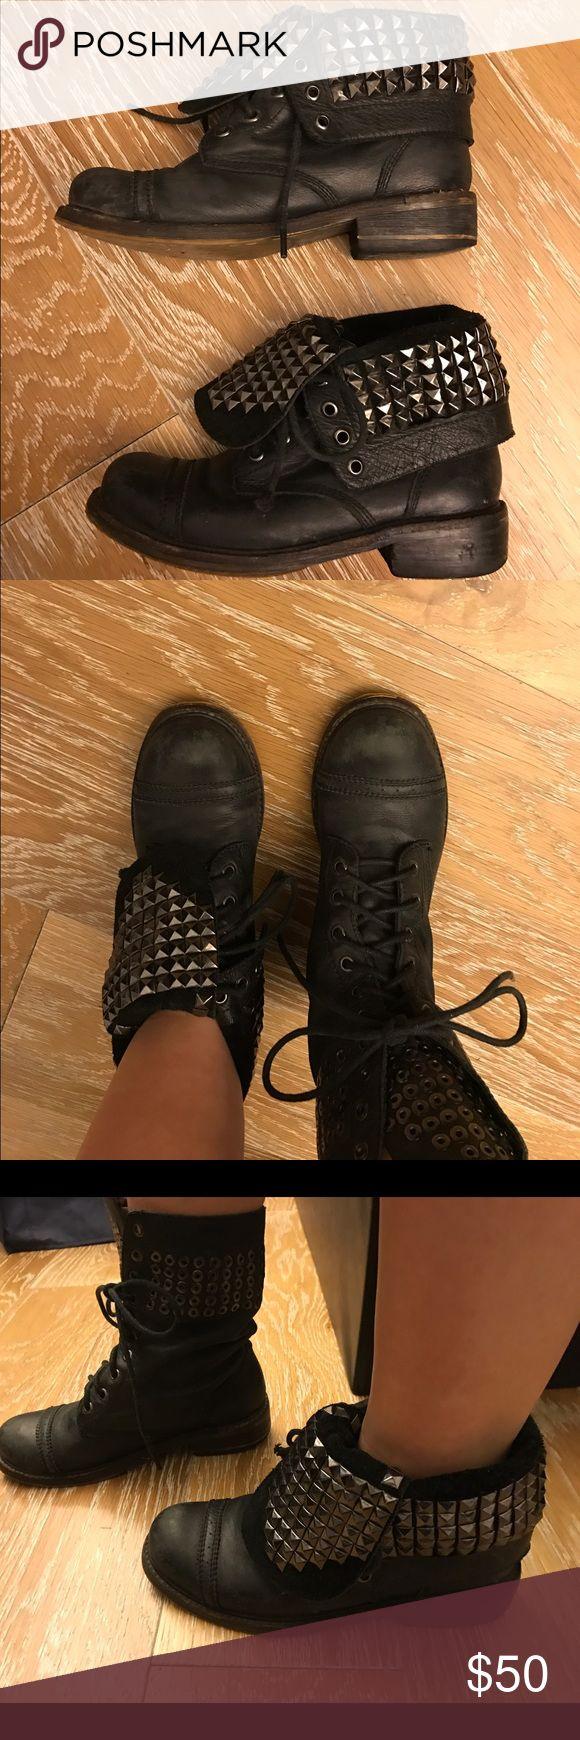 Zigi girl studded combat/motorcycle boots Zigi girl -black leather, studded fold over, lace up boots. zigi girl Shoes Combat & Moto Boots